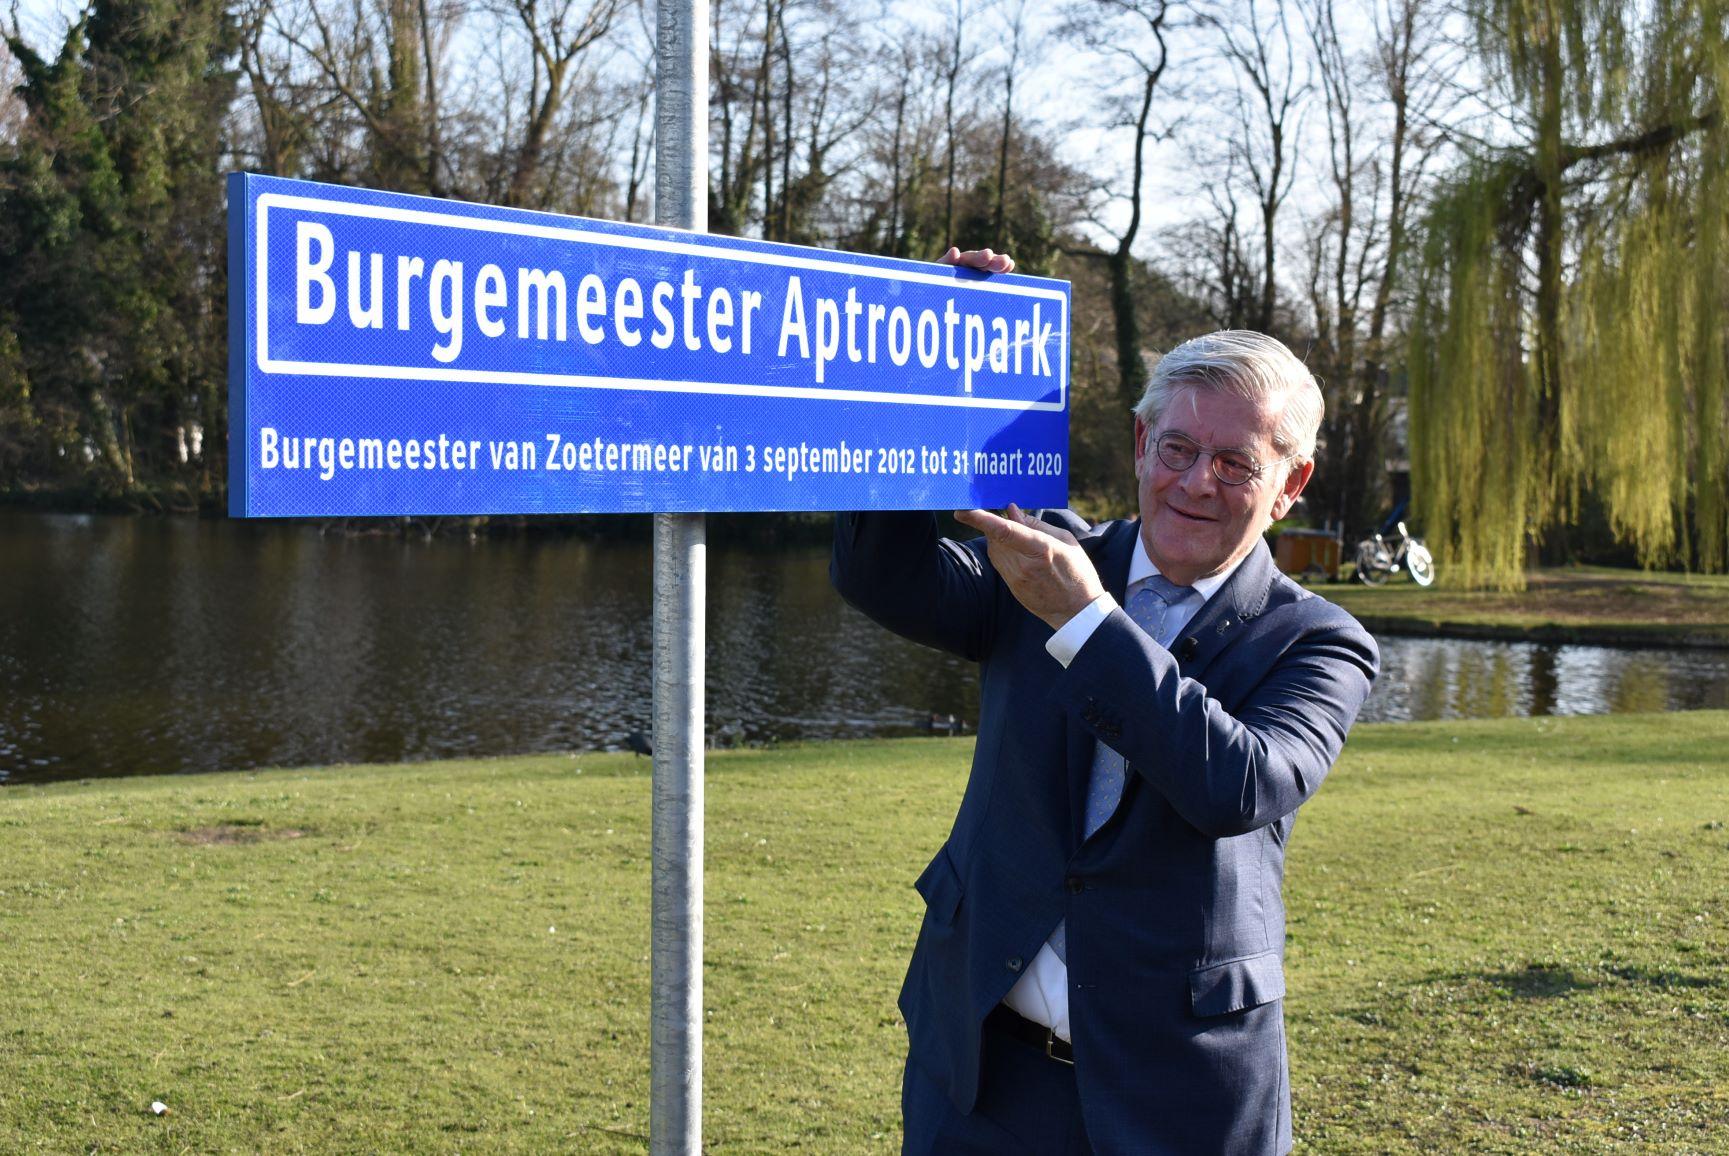 Burgemeester Aptrootpark